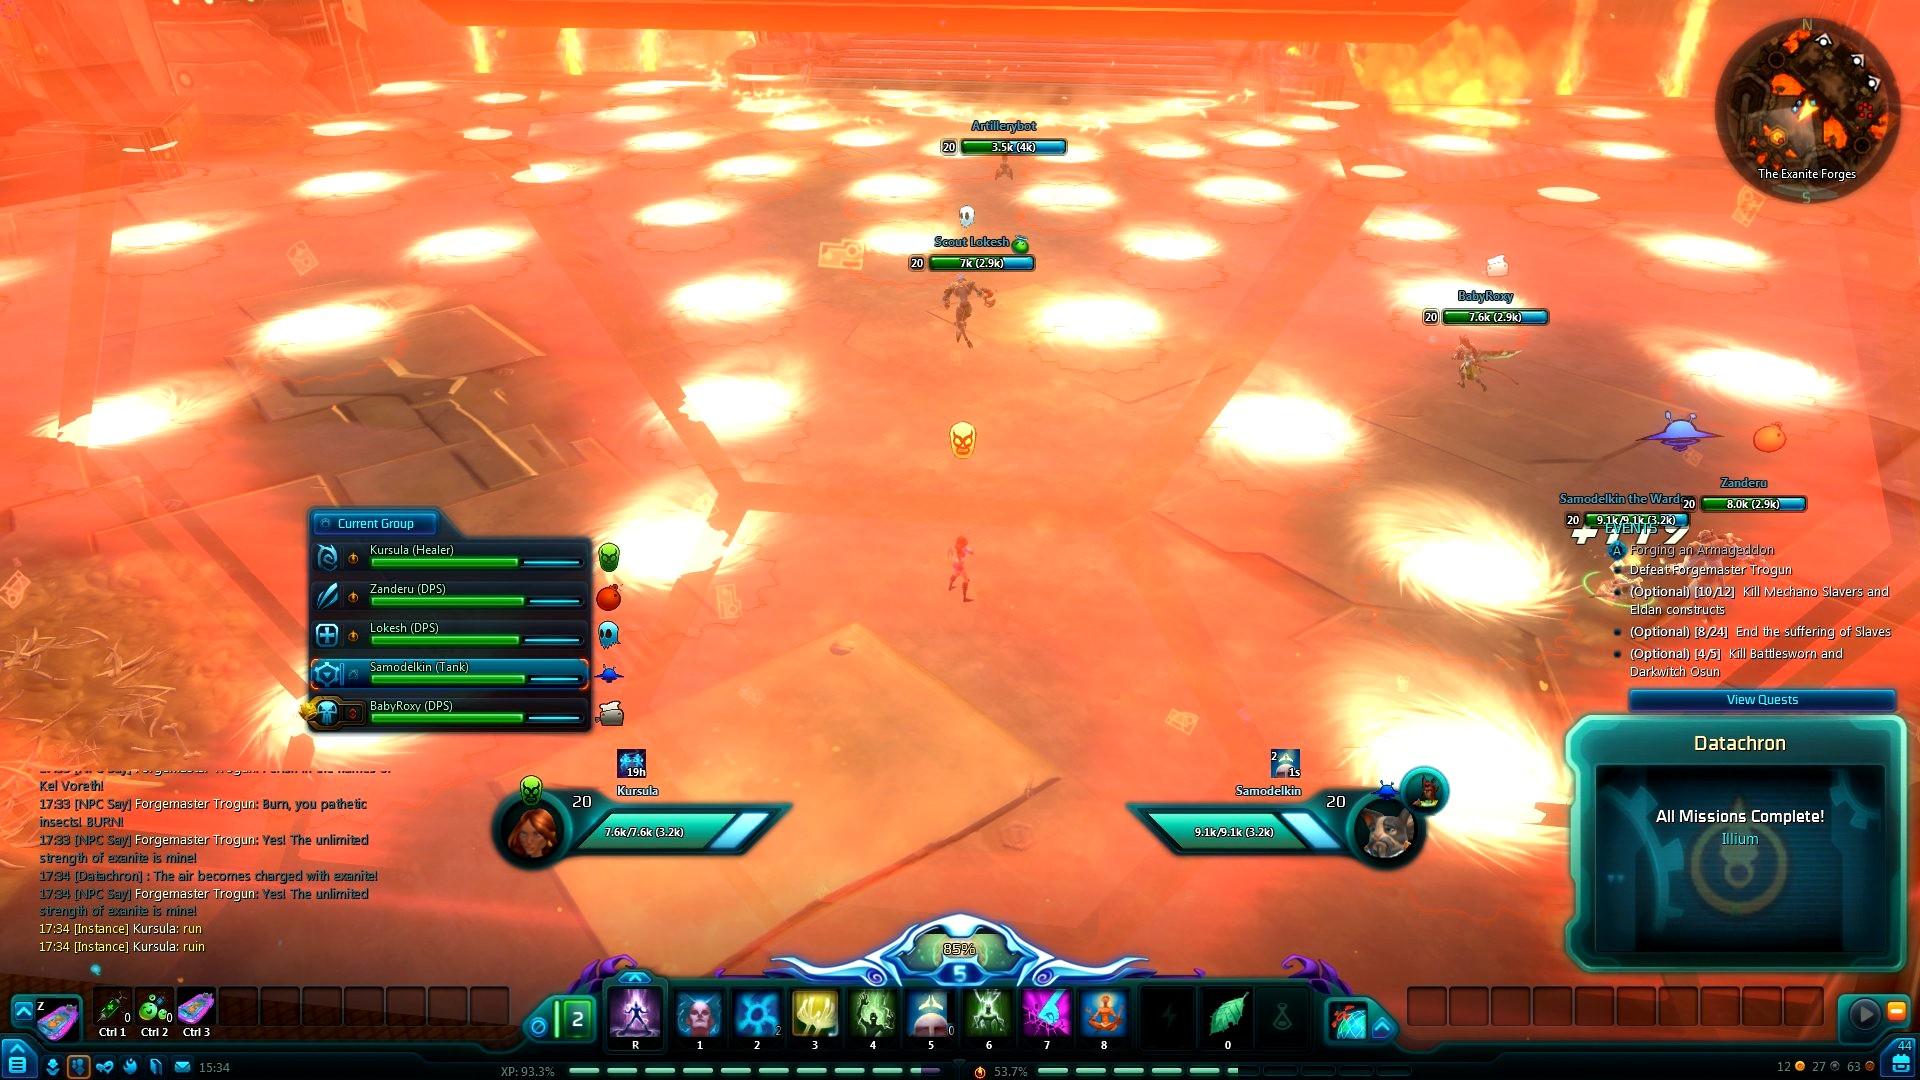 Exanite_Weapon_Ability_Phase_2_Trogun